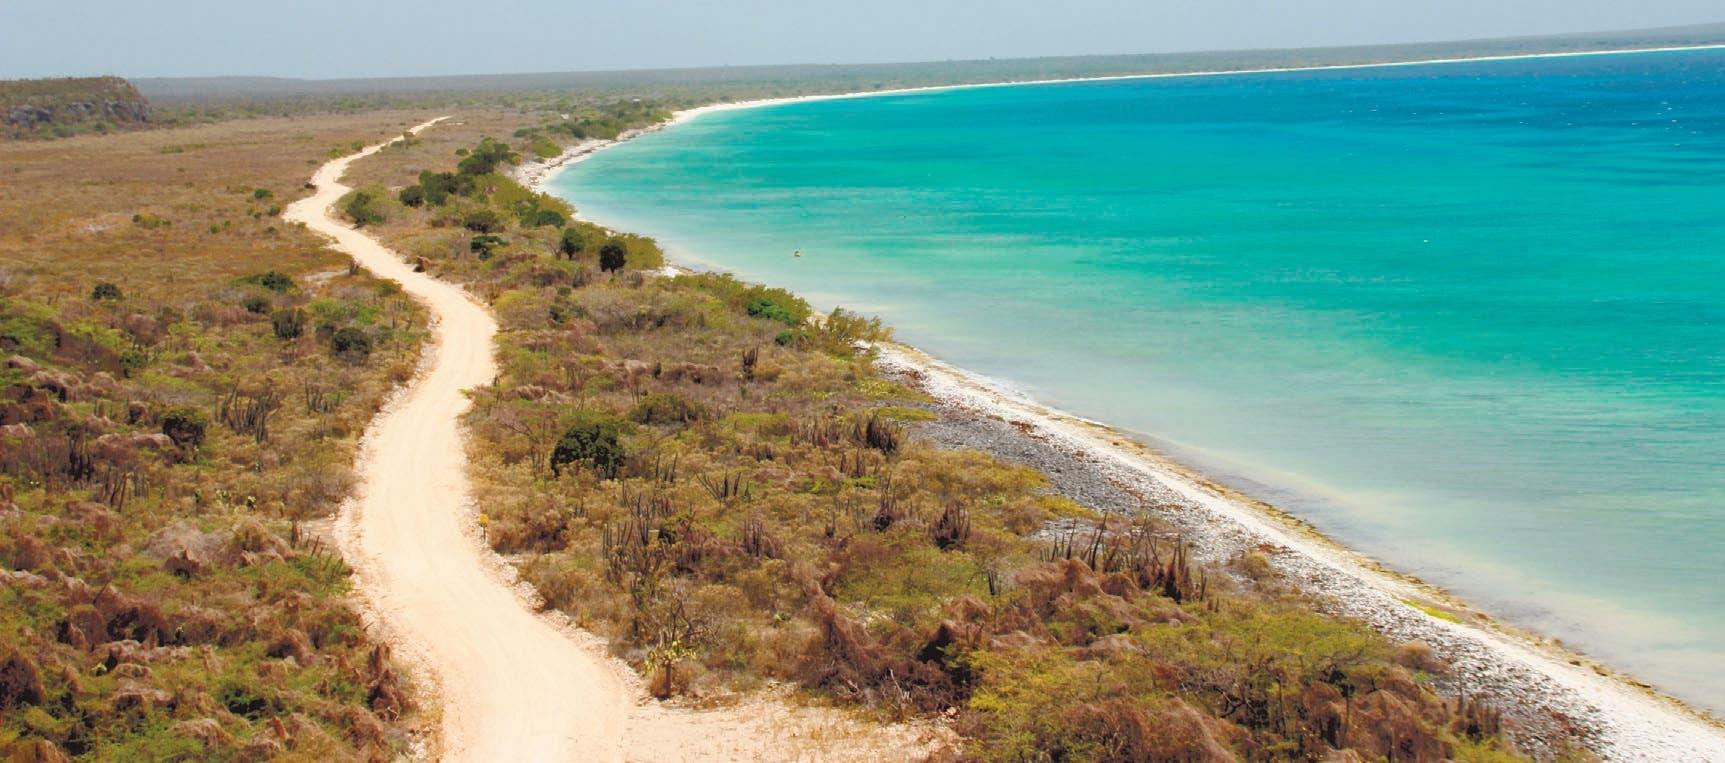 Pedernales apoya desarrollo turístico según encuesta